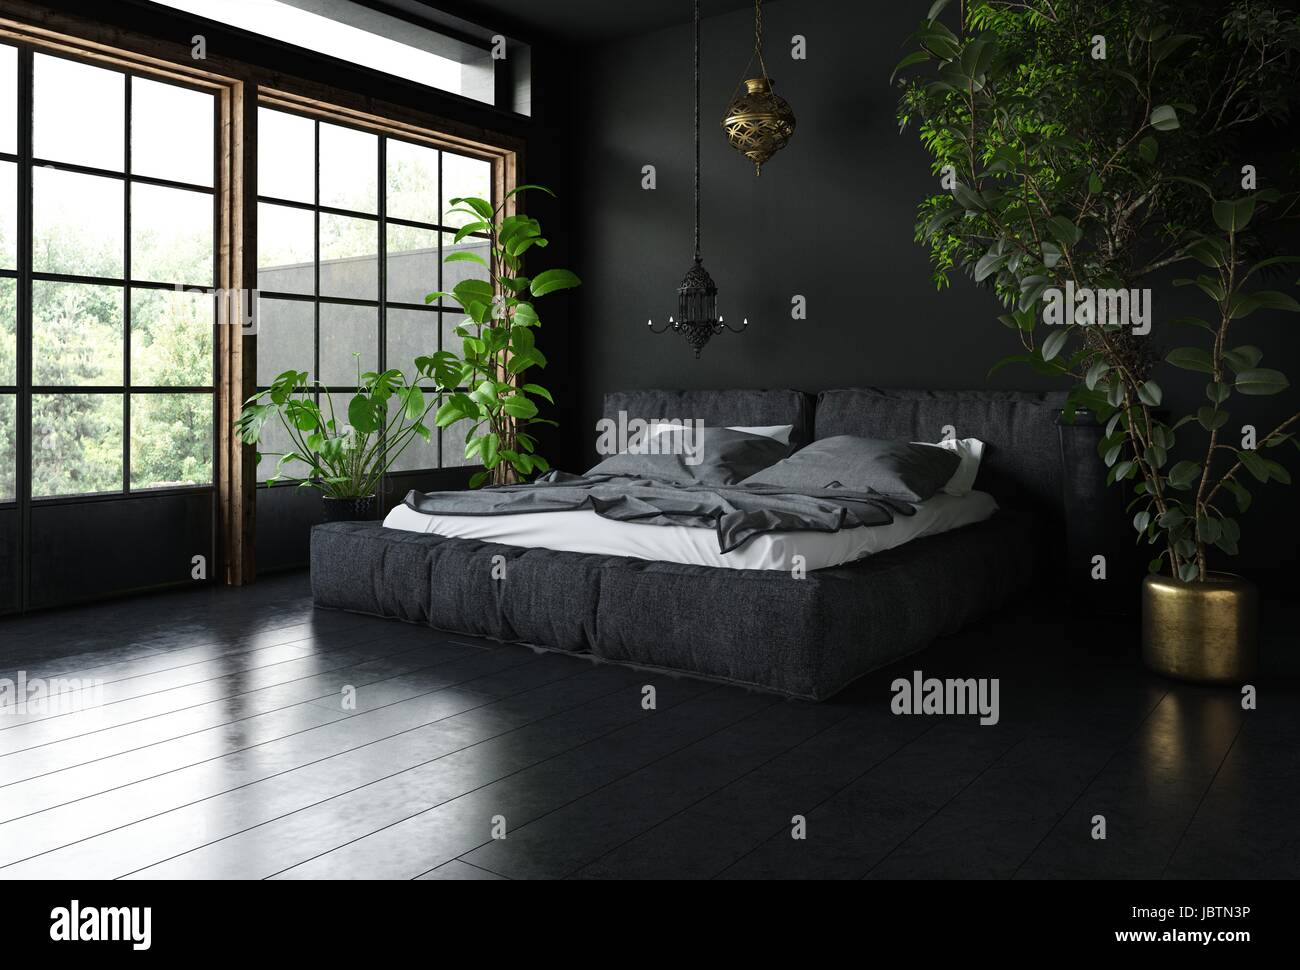 breite fenster stunning shutters wei fr breite fenster with breite fenster beautiful die helle. Black Bedroom Furniture Sets. Home Design Ideas